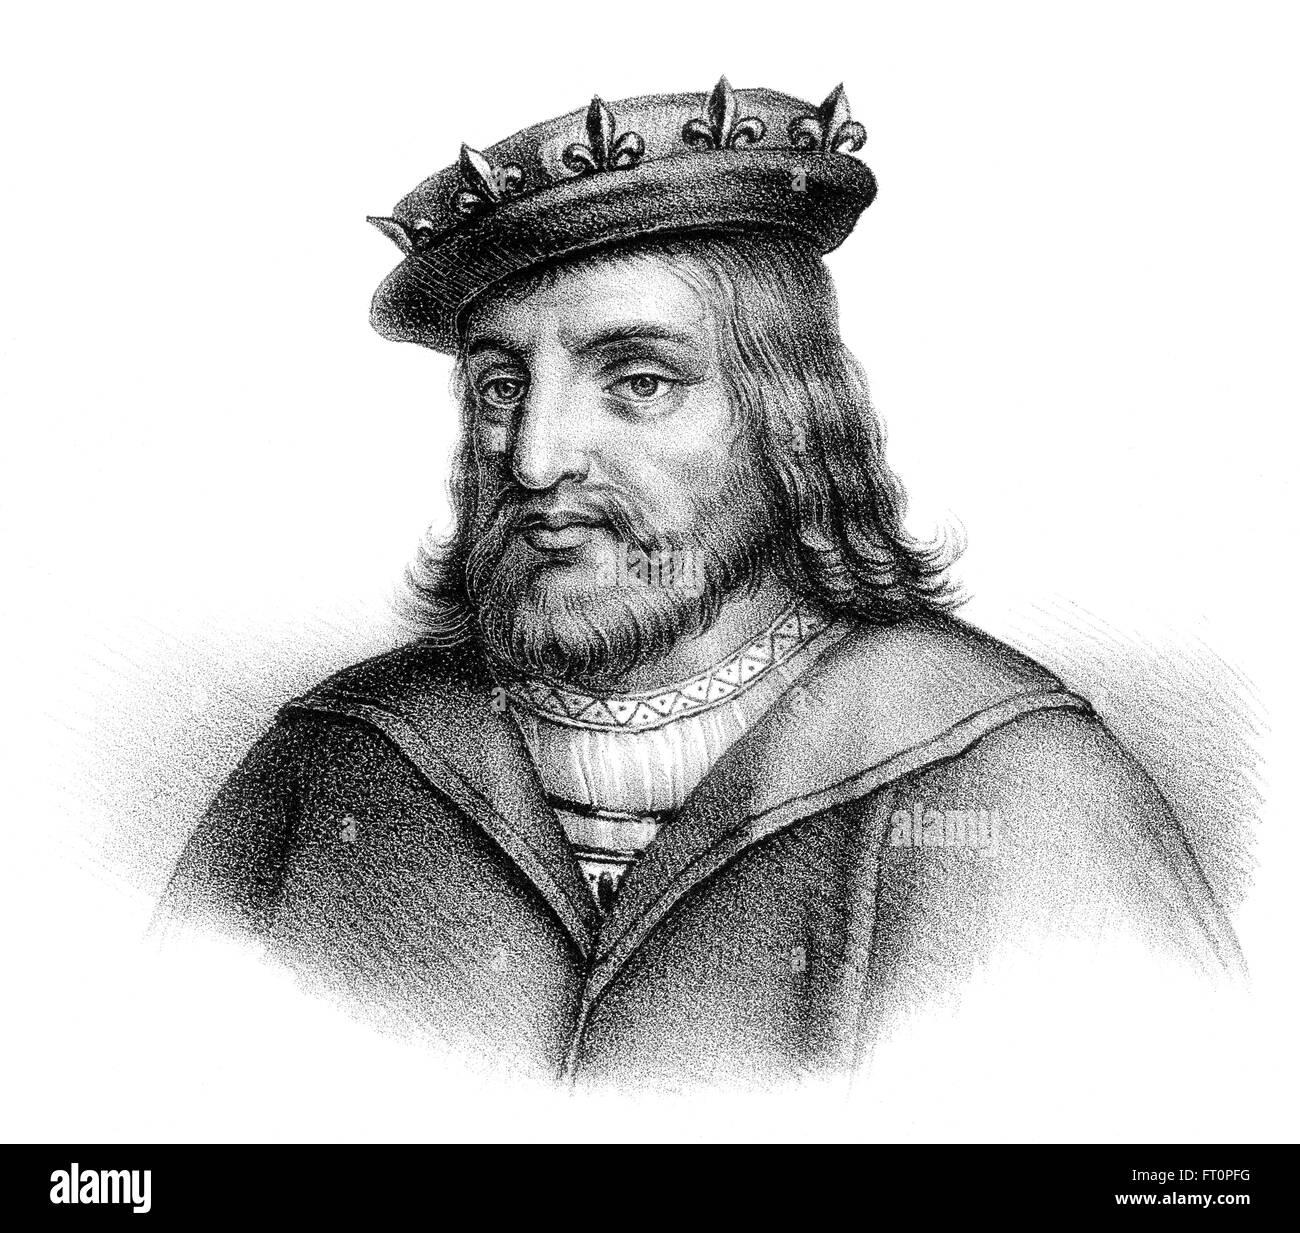 Childéric I, ou Childericus Childerich; c. 440-481/482, un roi mérovingien des Francs saliens Banque D'Images